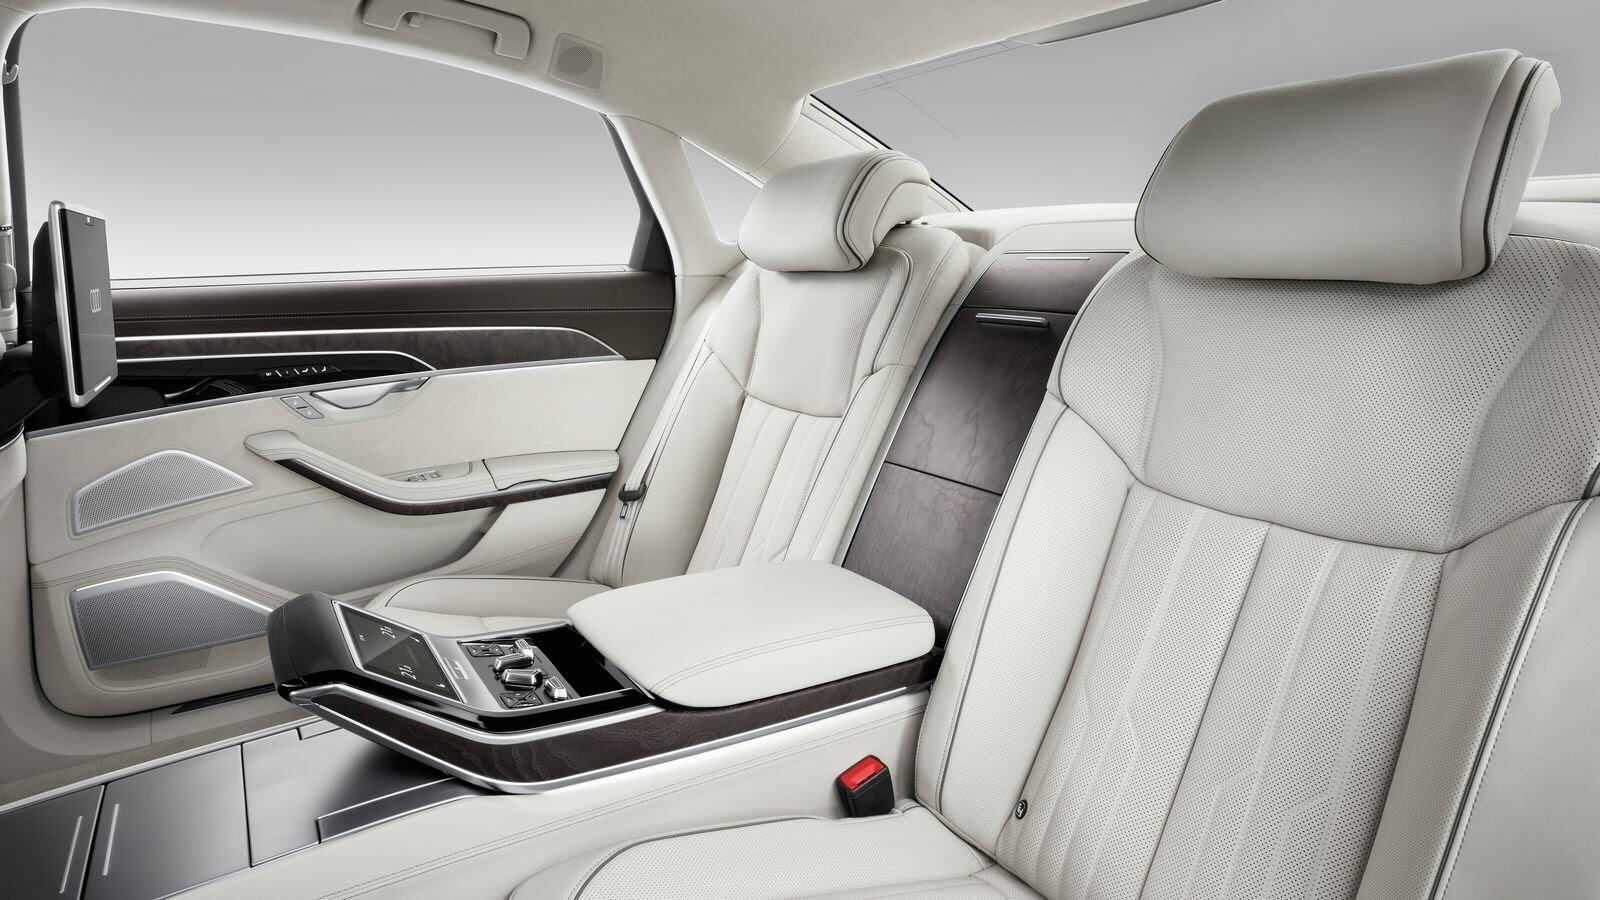 Audi A8 hoàn toàn mới chính thức ra mắt với đầy ắp công nghệ - Hình 11